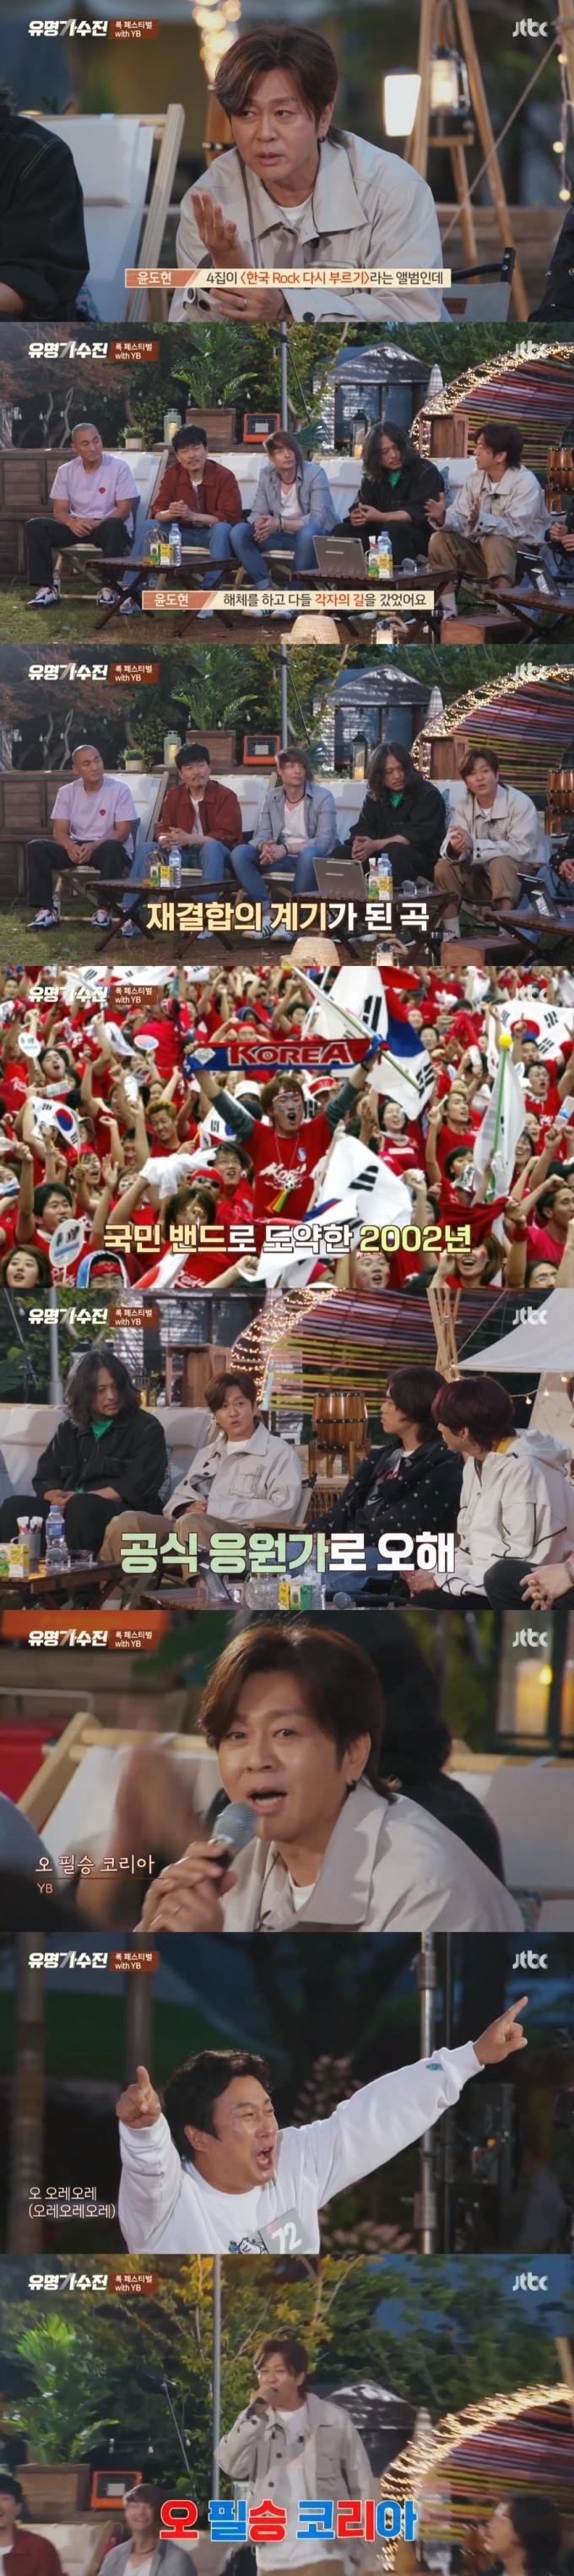 JTBC '유명가수전' 캡처 © 뉴스1